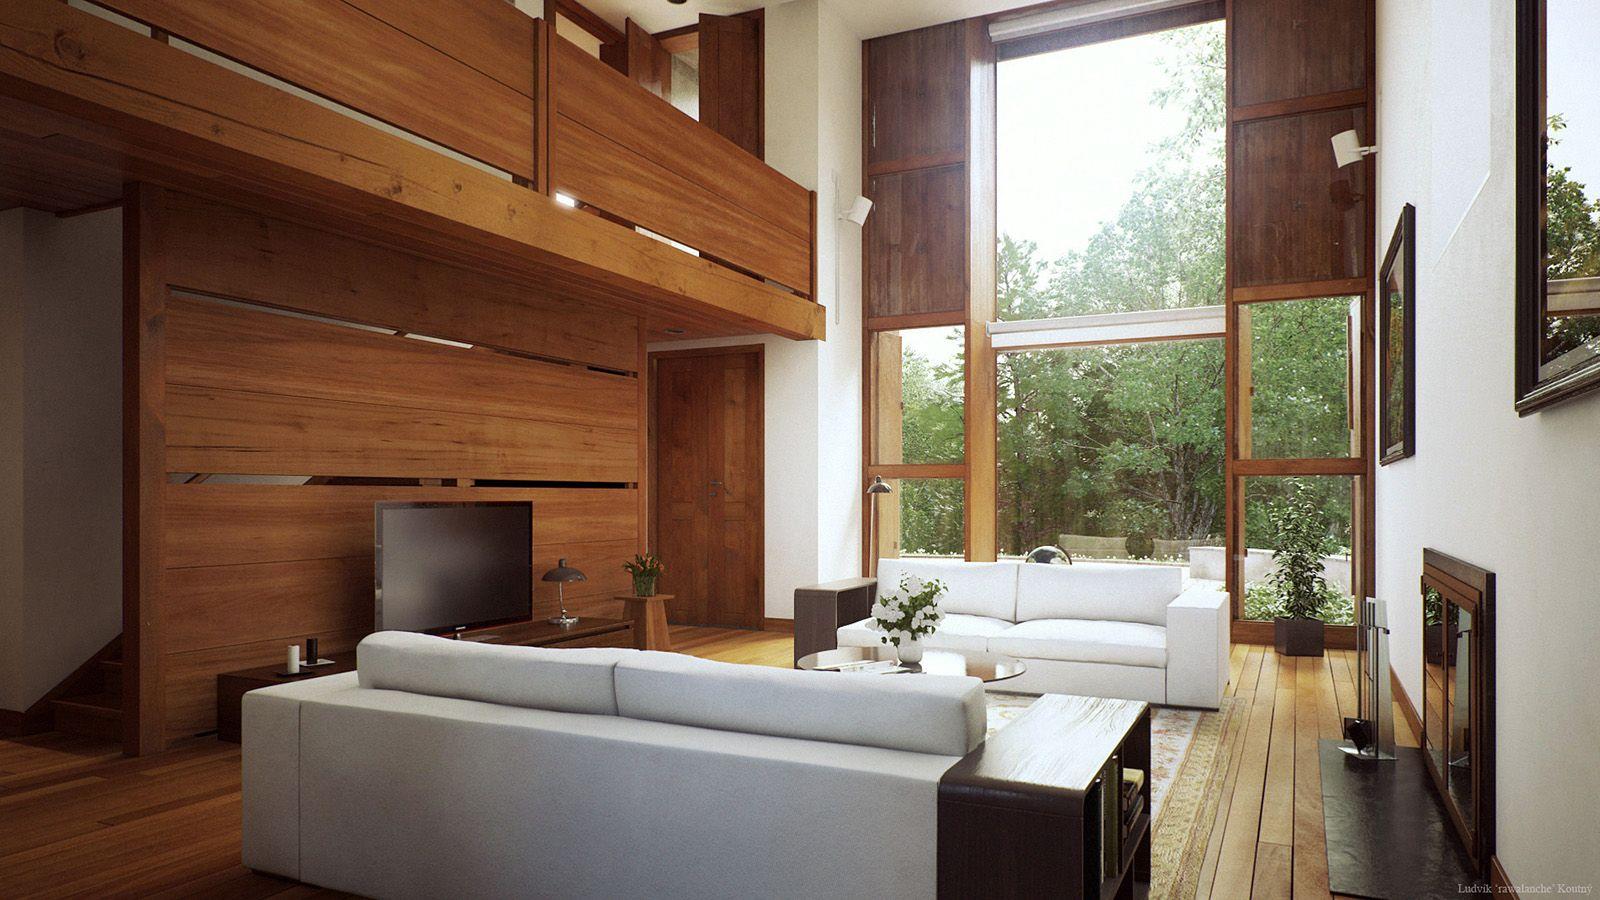 Esherick House by L. Kahn » Rawa Portfolio | Louis Kahn ...